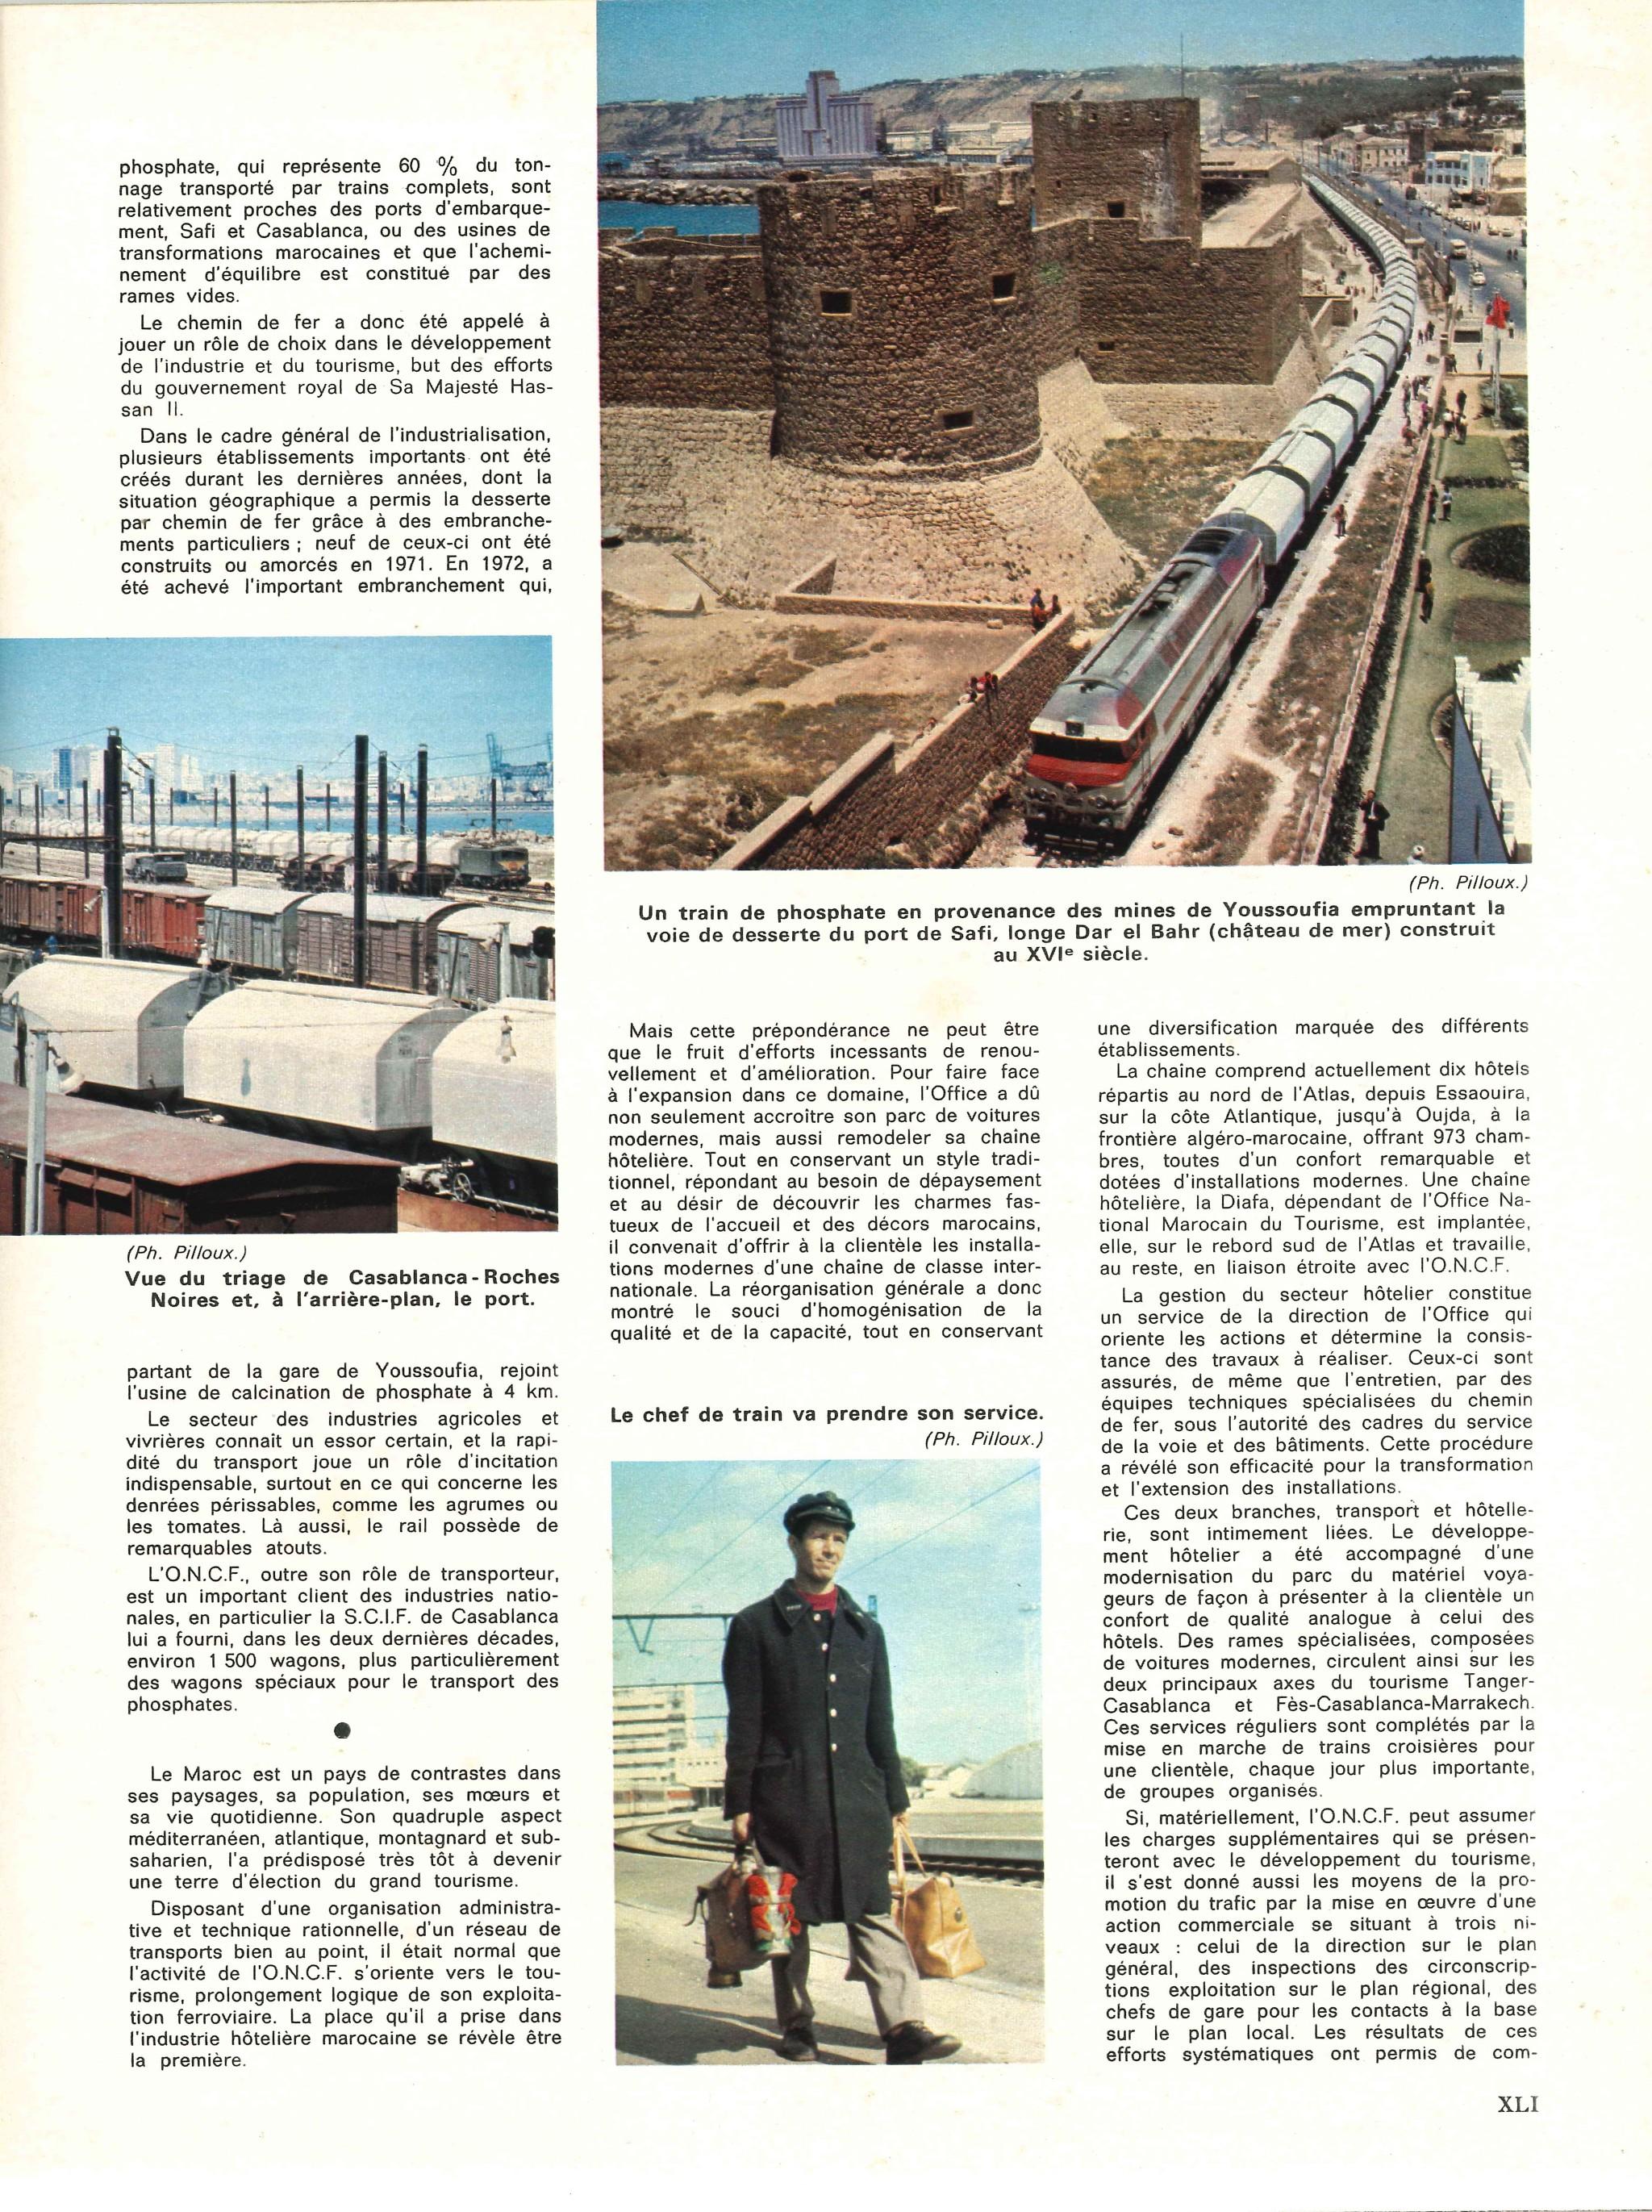 Chemins de Fer au Maroc - ONCF  - Page 2 49429346743_550c74dff1_3k